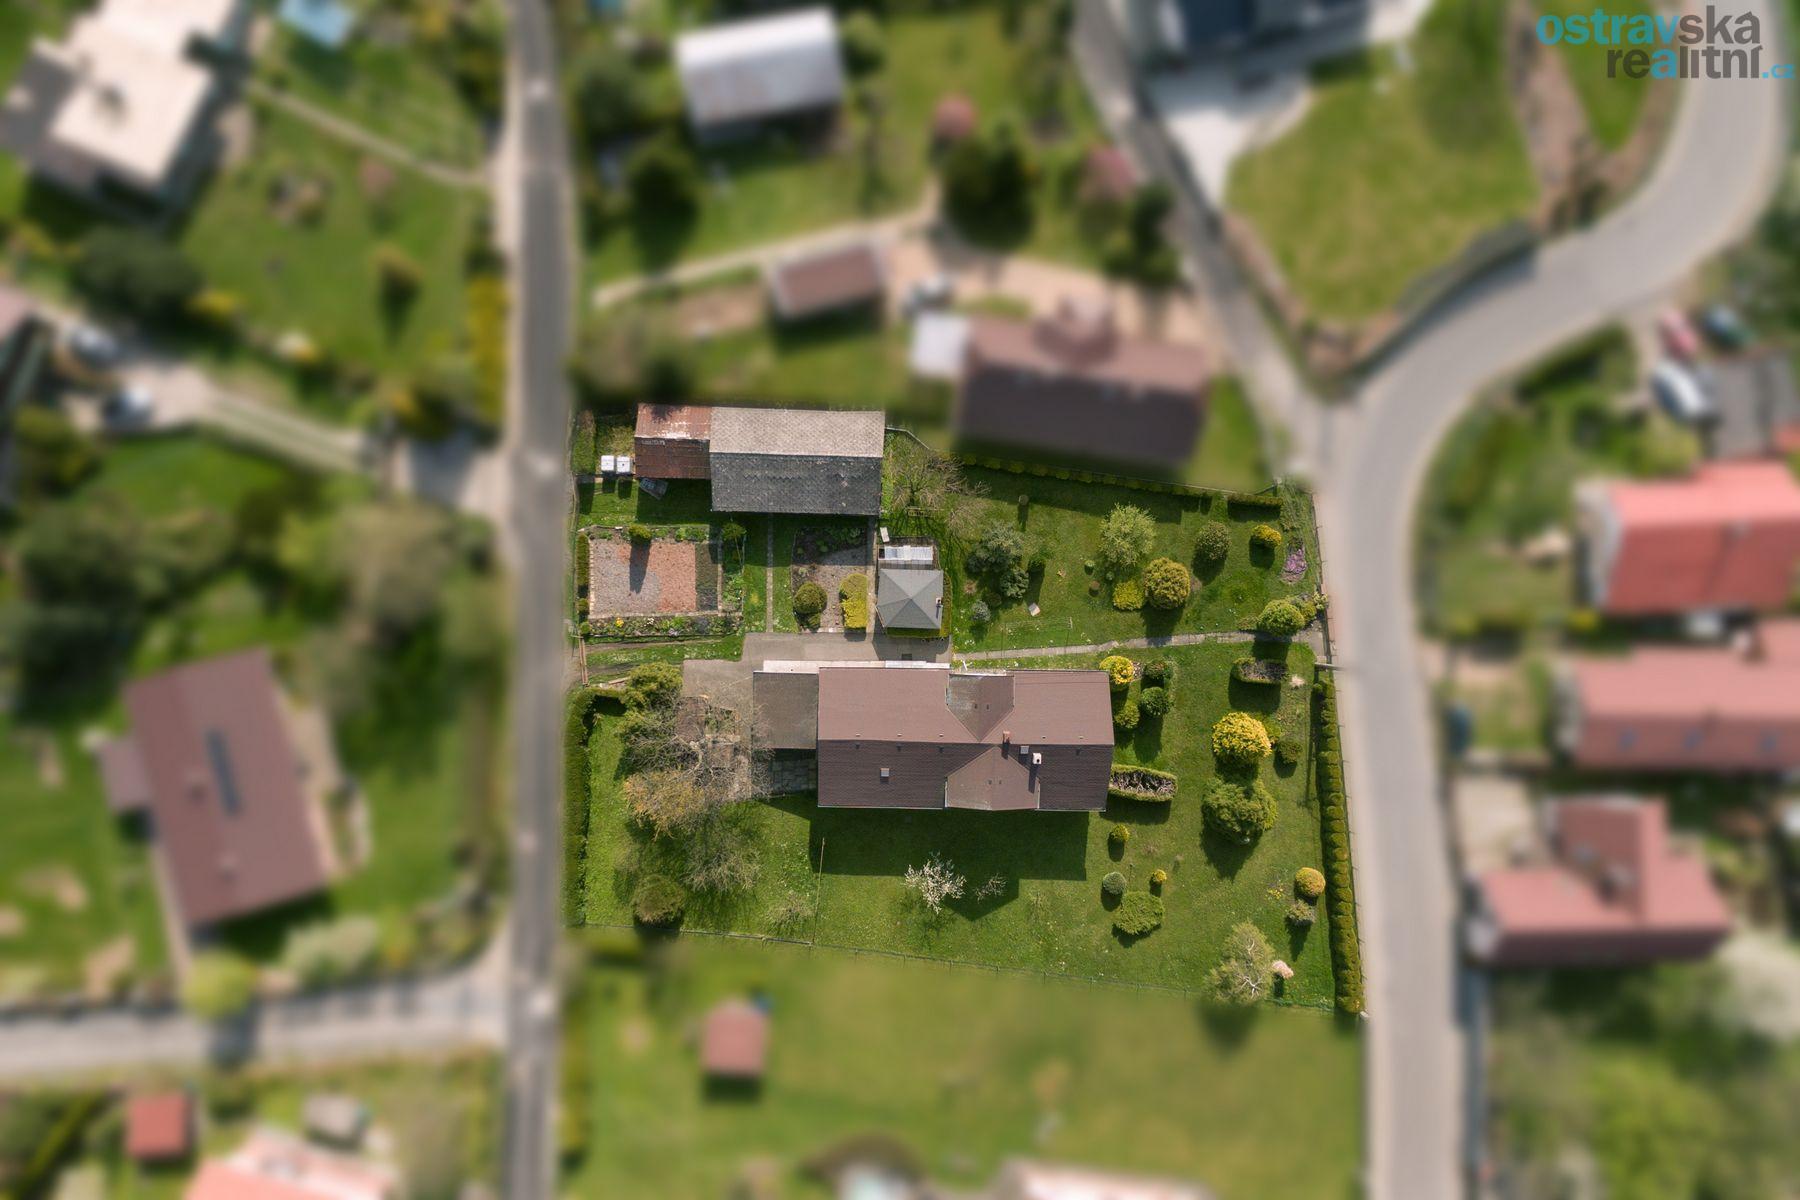 Prodej, stavební parcela s rodinným domem, Ostrava - Plesná, ul. 26. dubna, výměra 2.398 m2